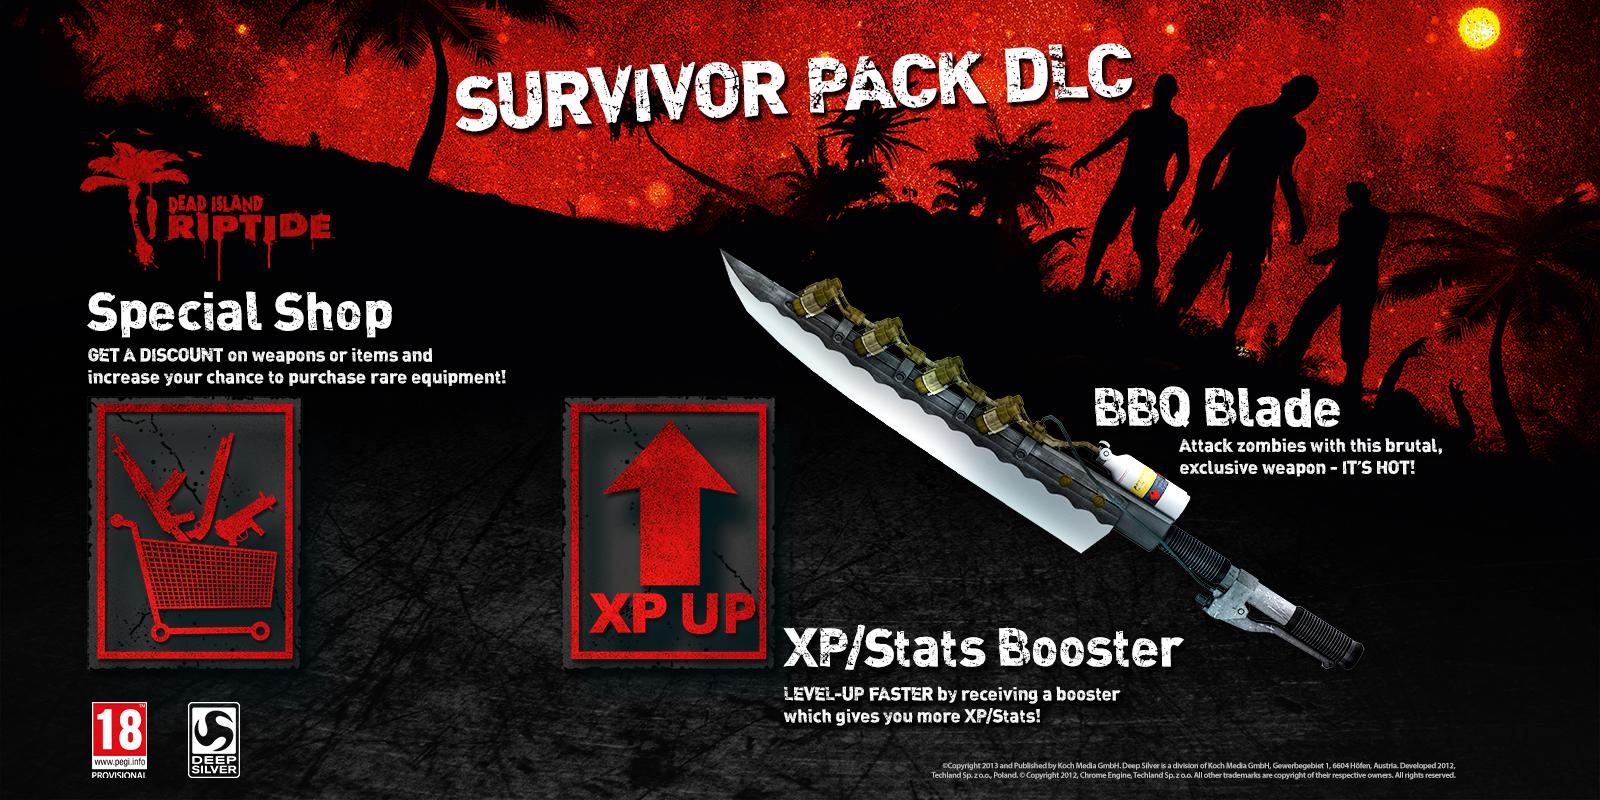 Dead Island Riptide Multiplayer Xbox